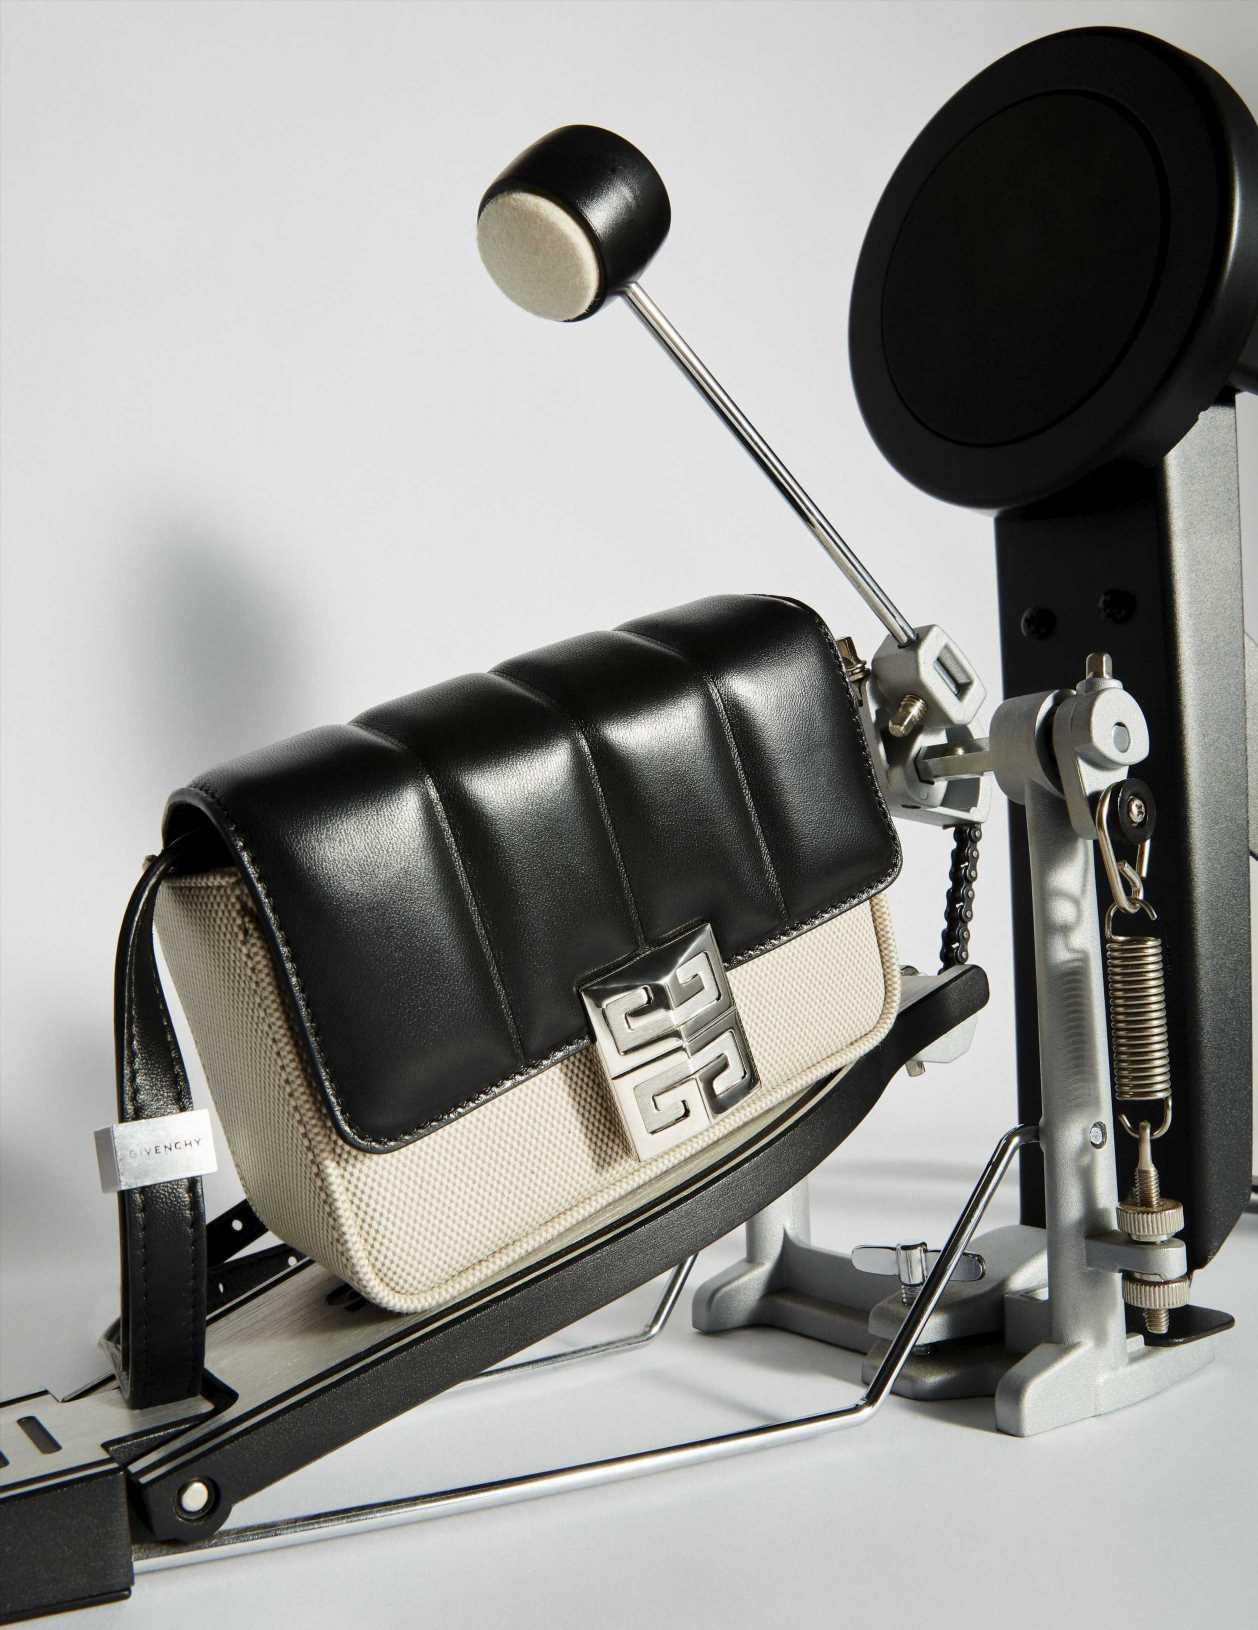 El 4G de Givenchy o el bolso en tendencia en el que invertir